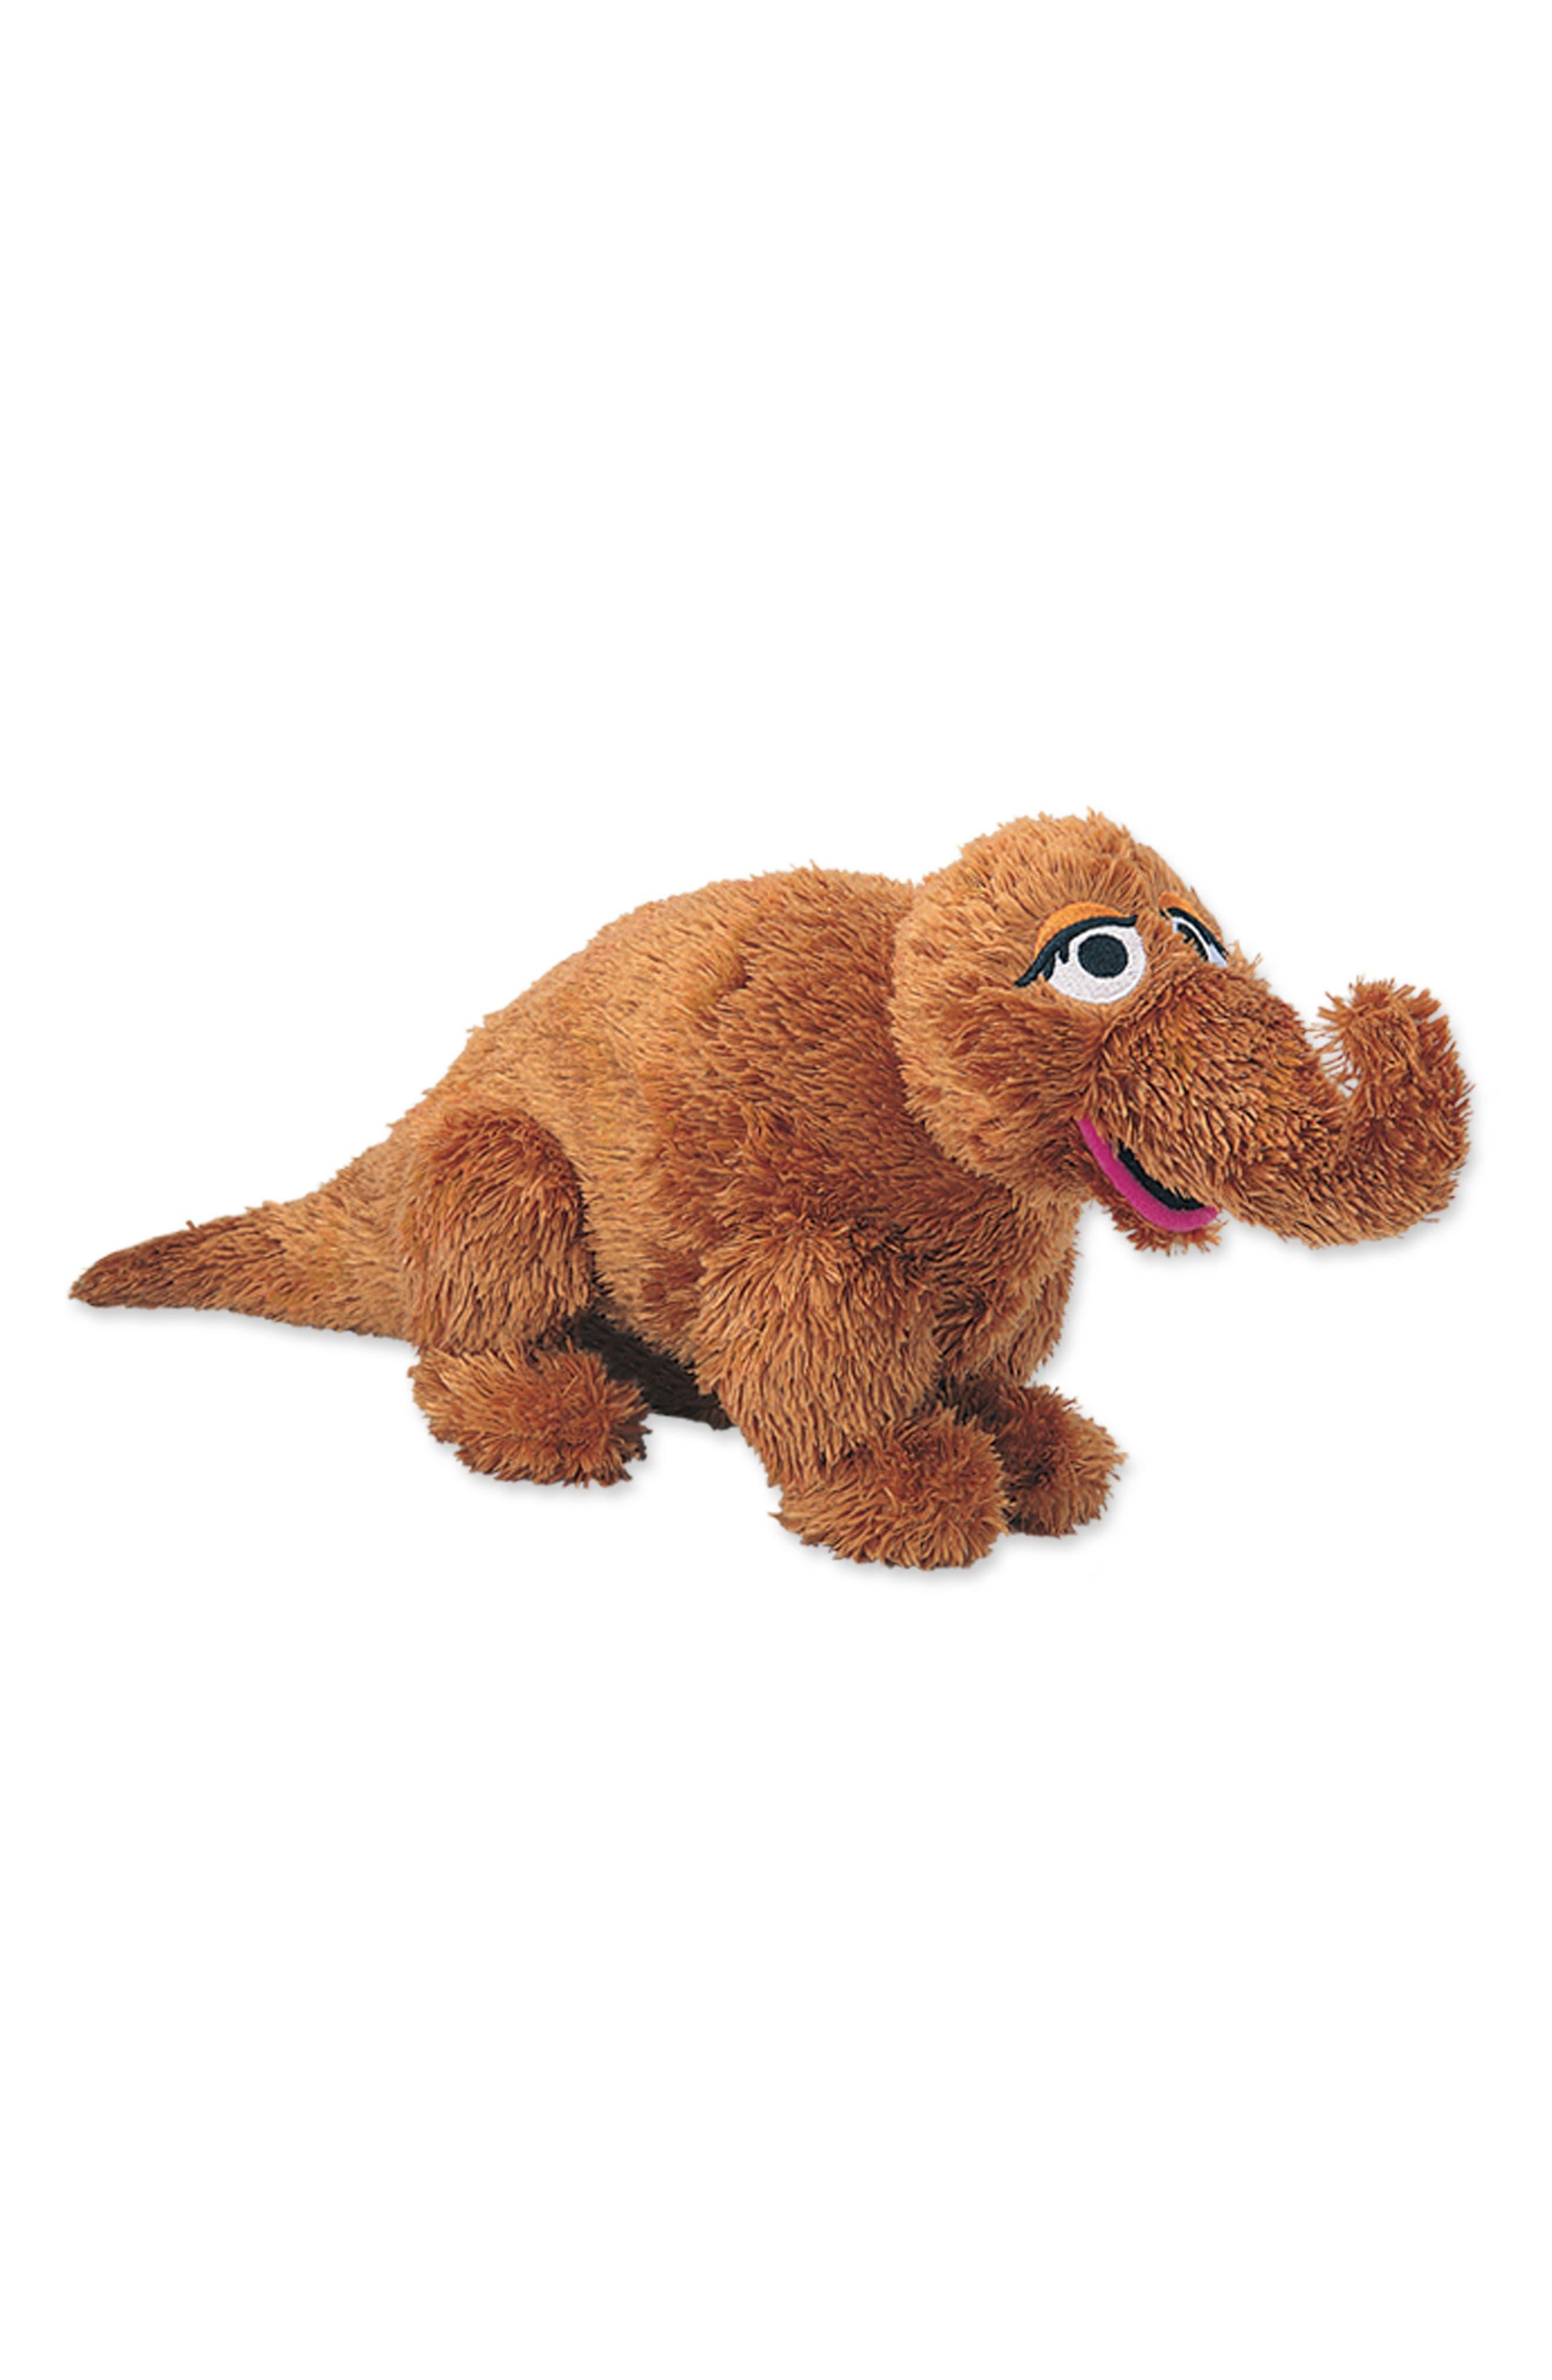 Gund 'Snuffleupagus' Stuffed Toy